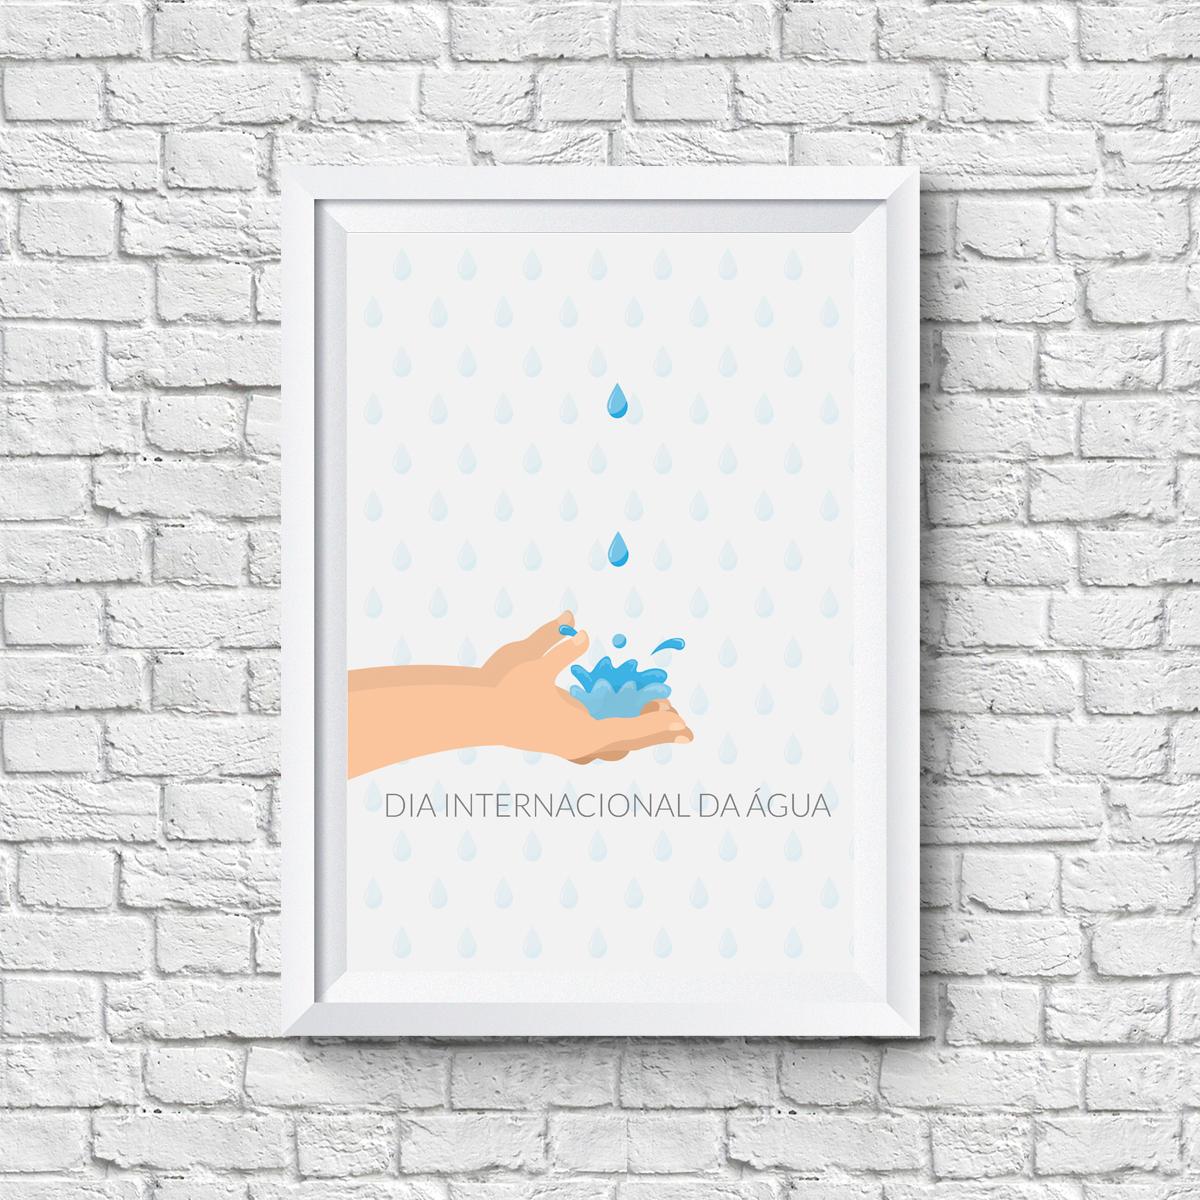 Quadro Do Dia Internacional Da água No Elo7 Quero Quadro 71c982